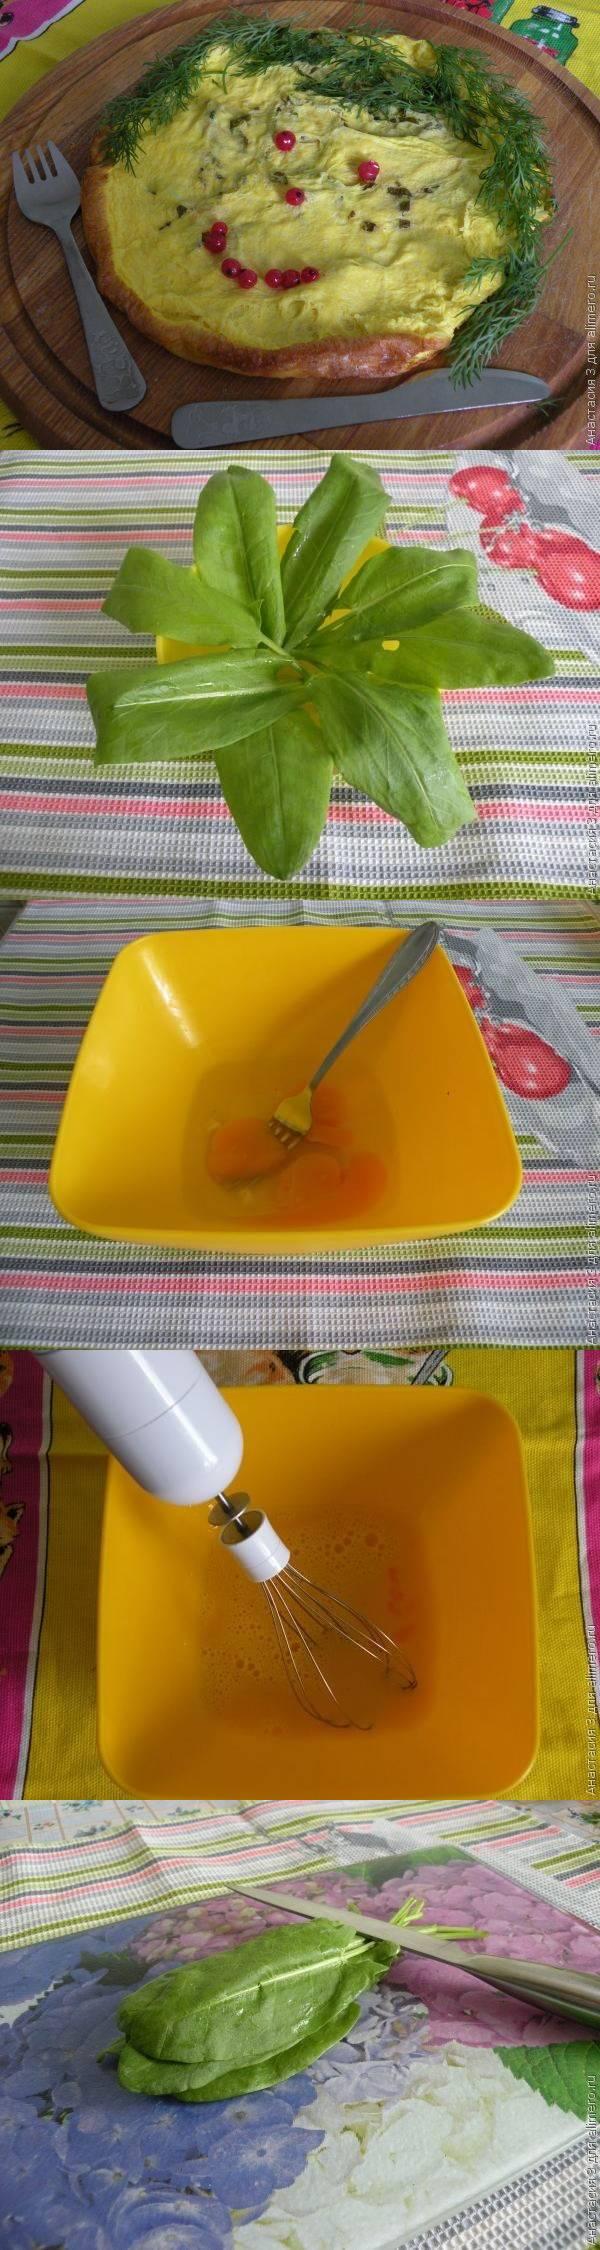 Омлет паровой рецепт пошагово